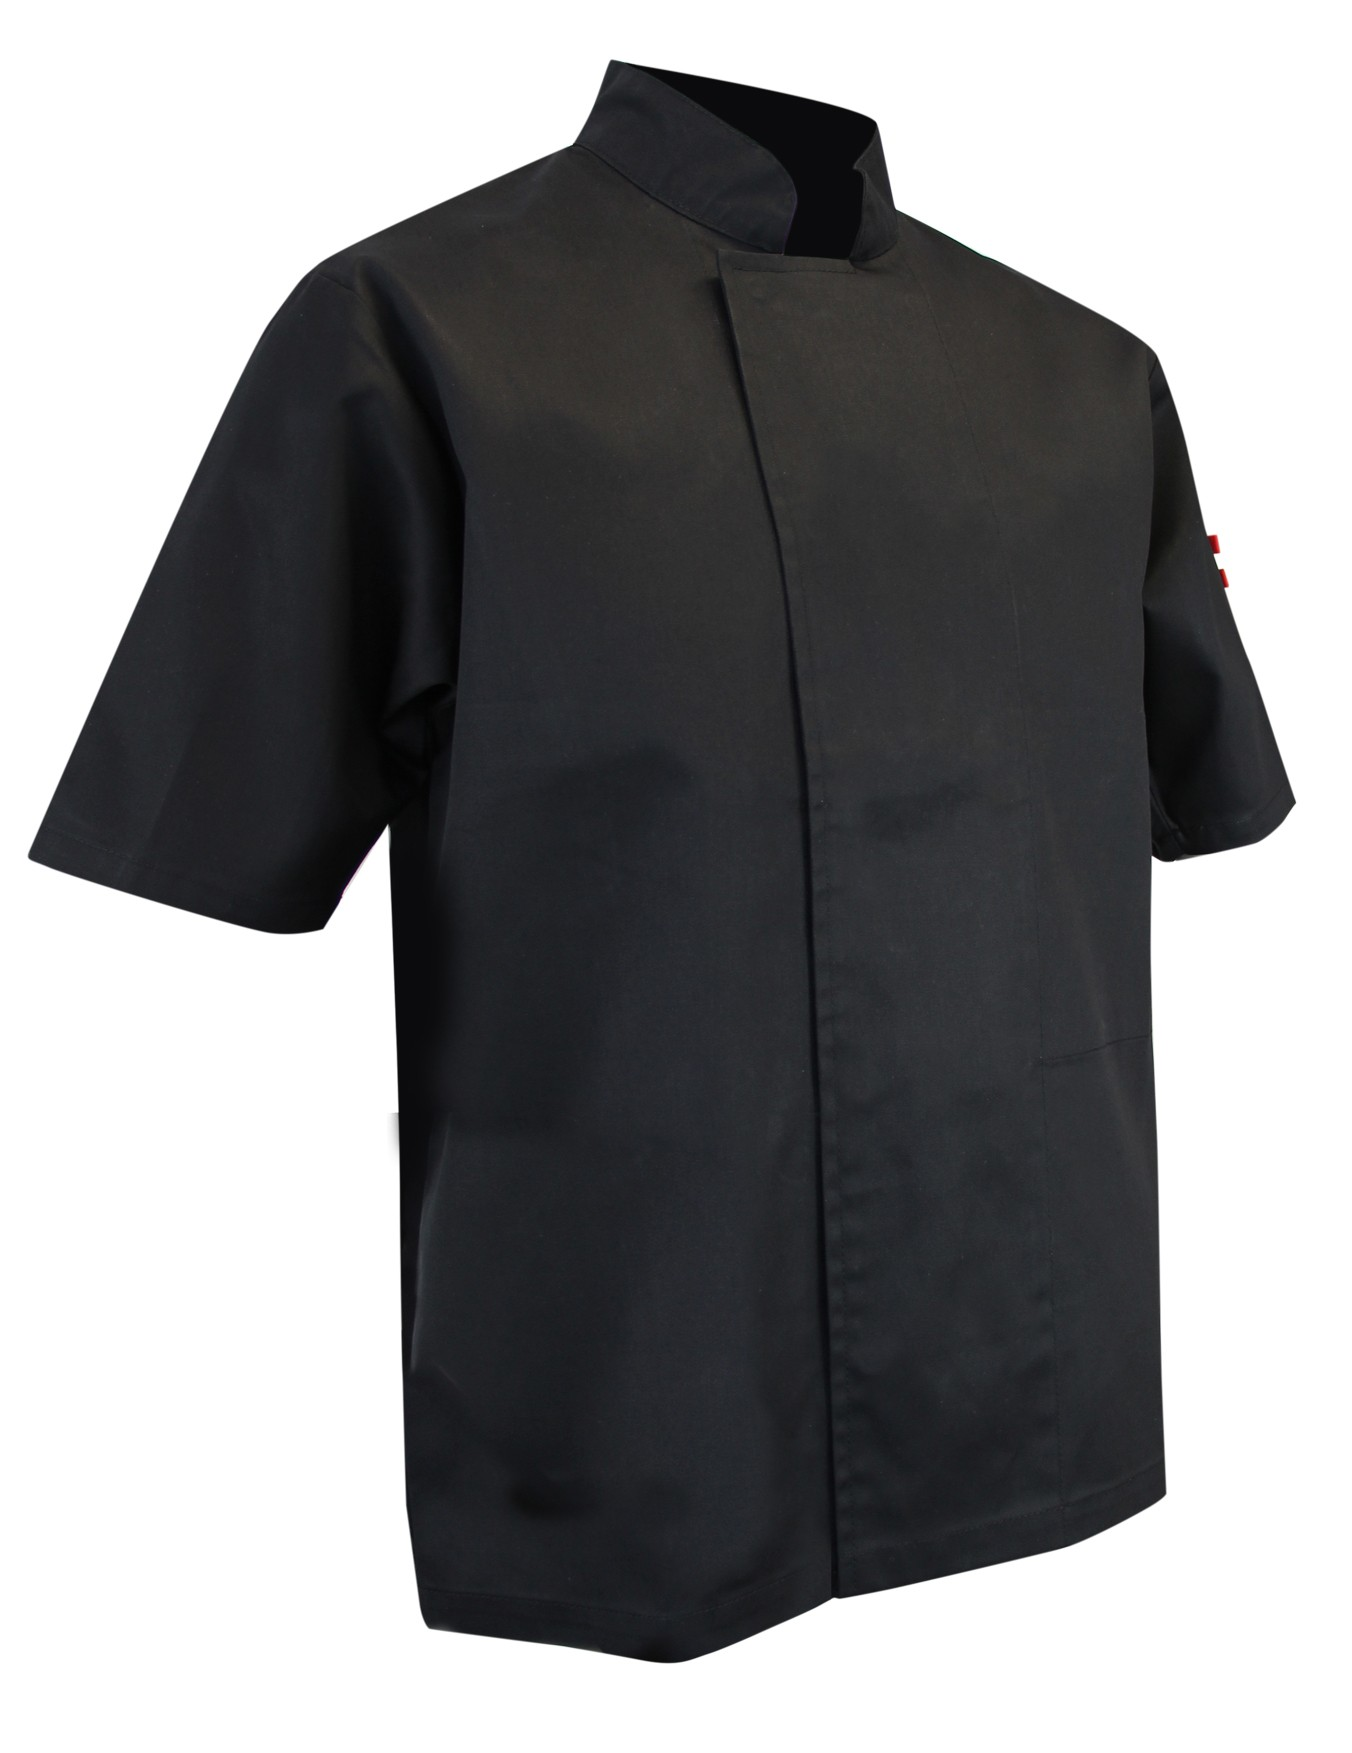 Veste cuisinier noire...